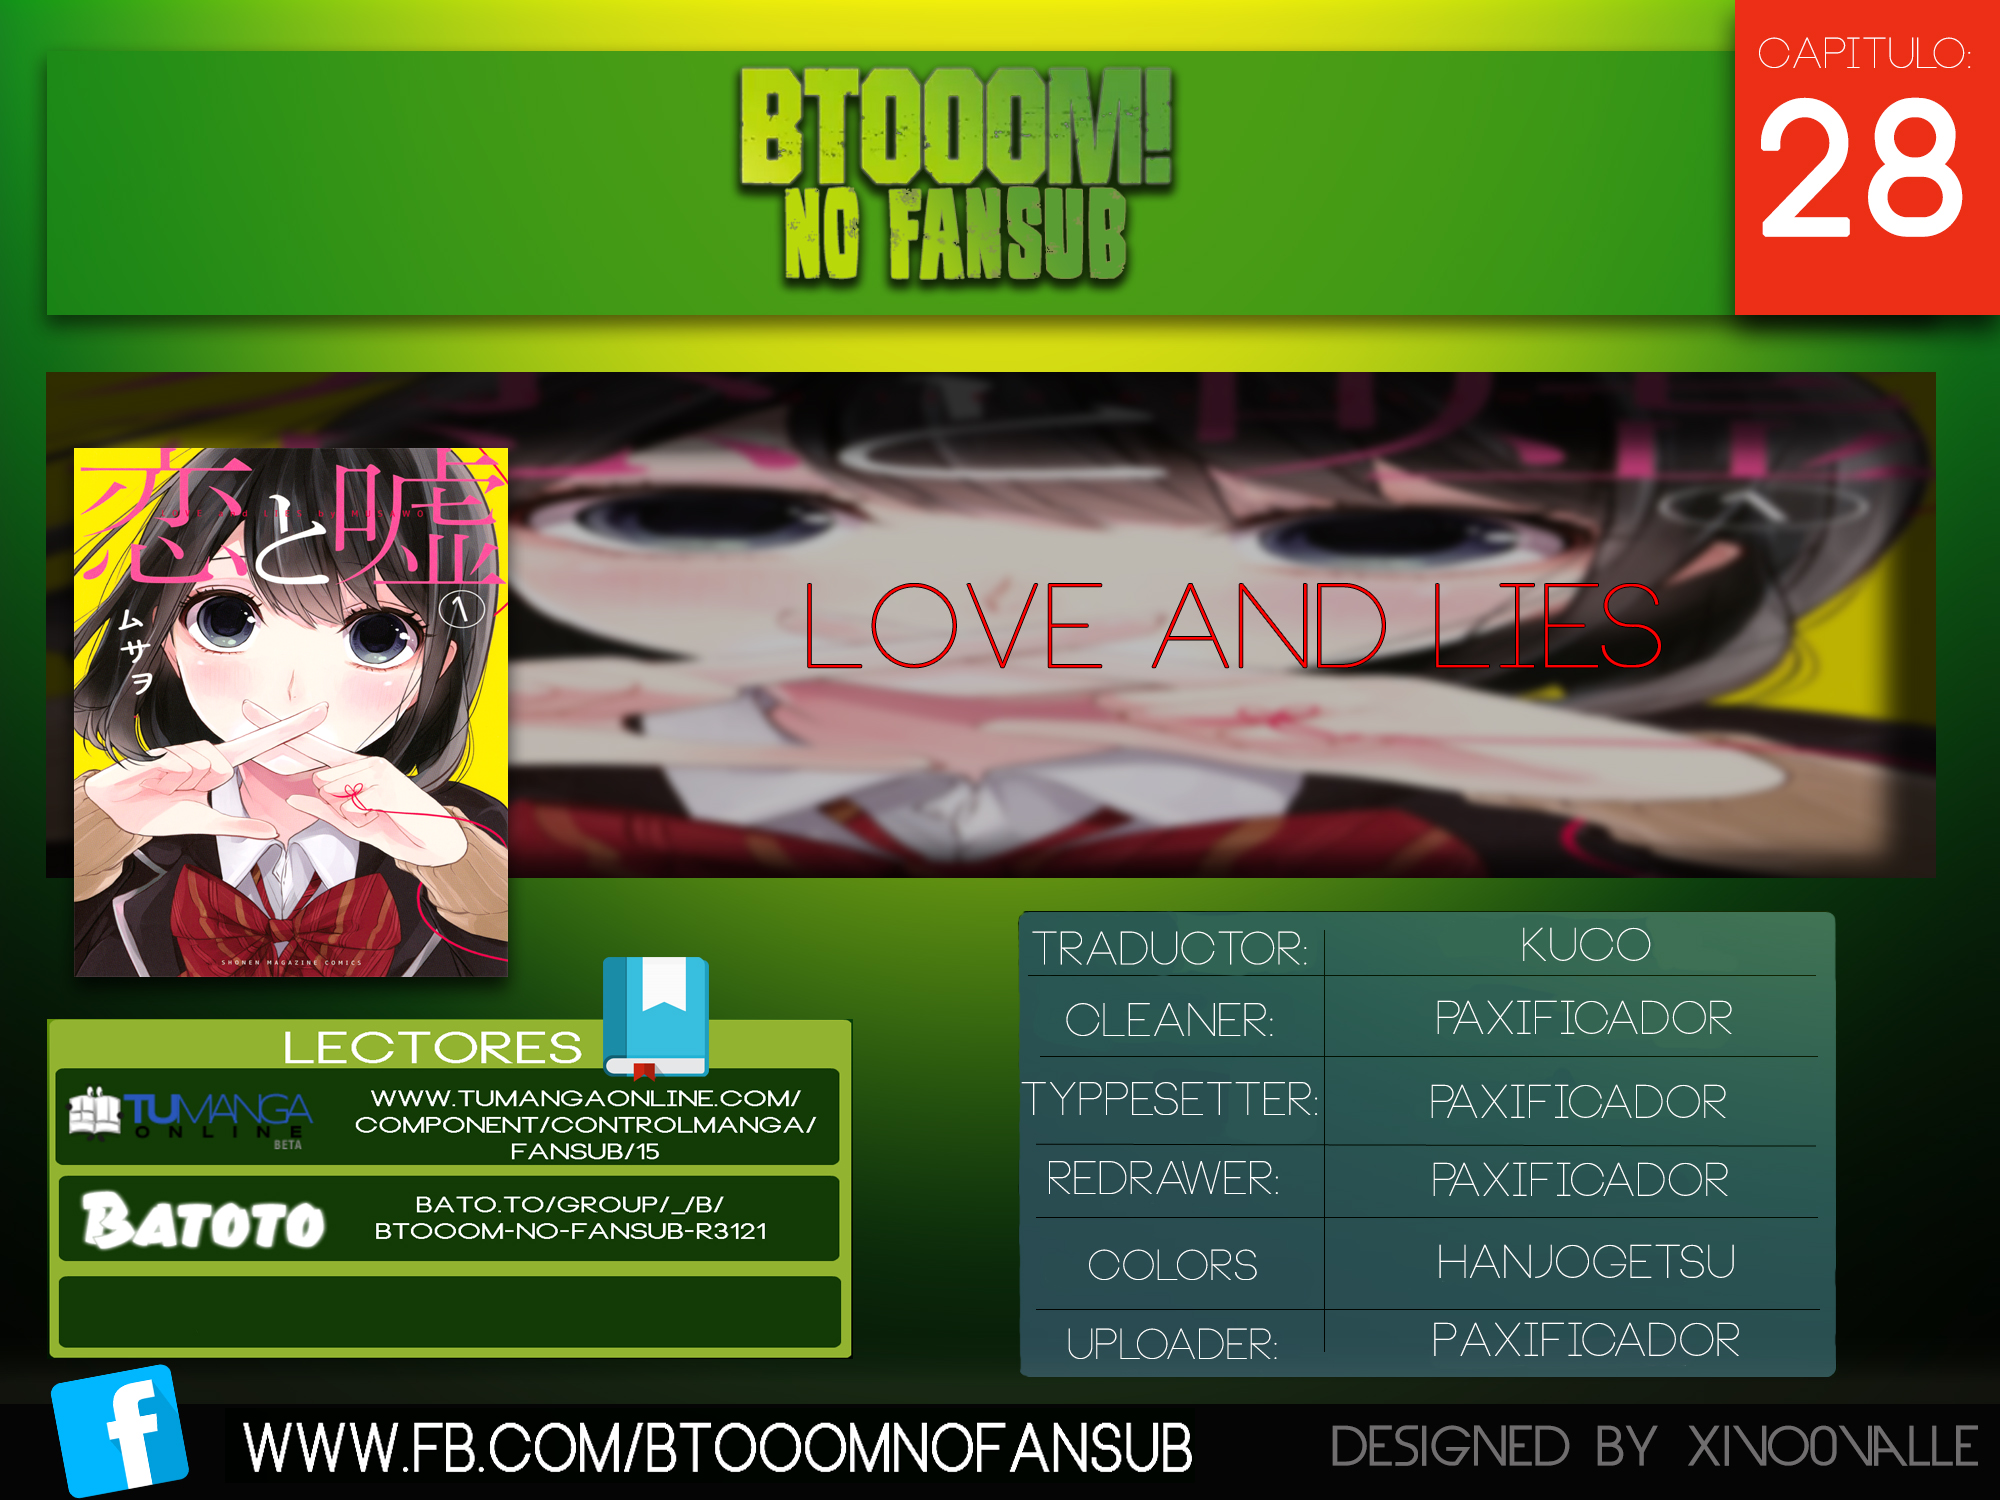 http://c5.ninemanga.com/es_manga/14/14734/361009/91fe68b0667f404fed1799db7231803f.jpg Page 1